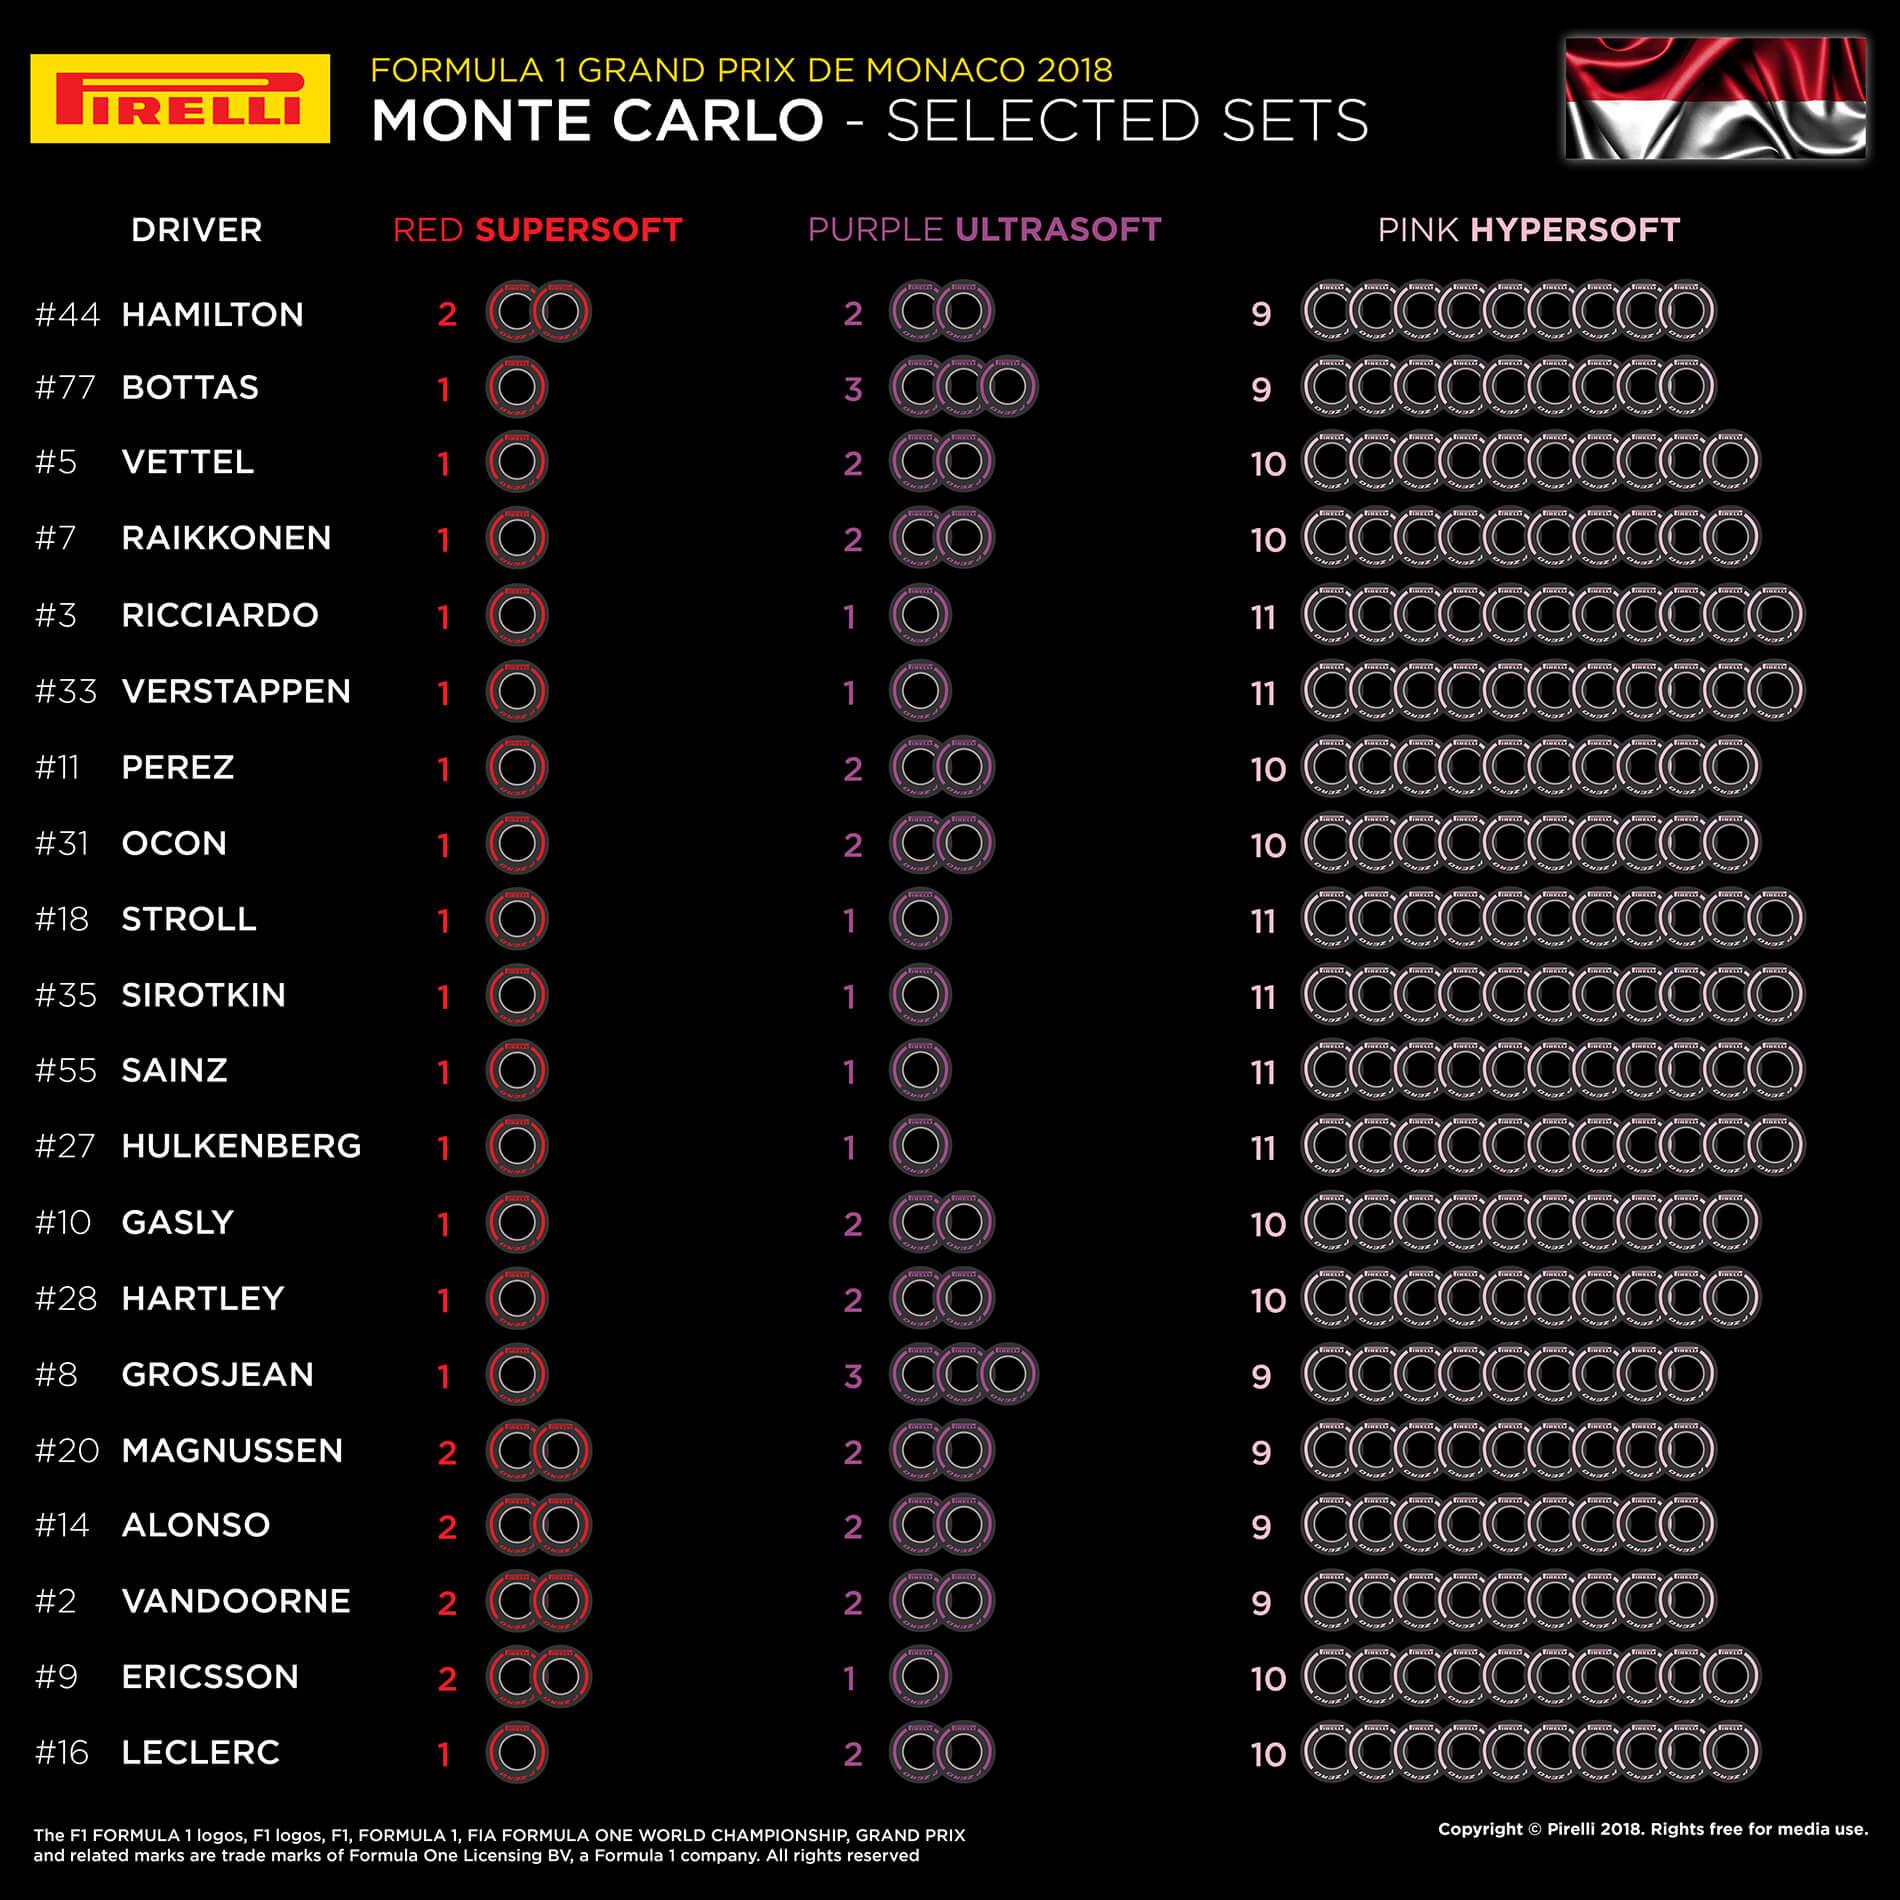 GP de Mónaco [Jueves 24 – Domingo 27 Mayo 2018] 21239_06-MC-Selected-Sets-Per-Driver-EN